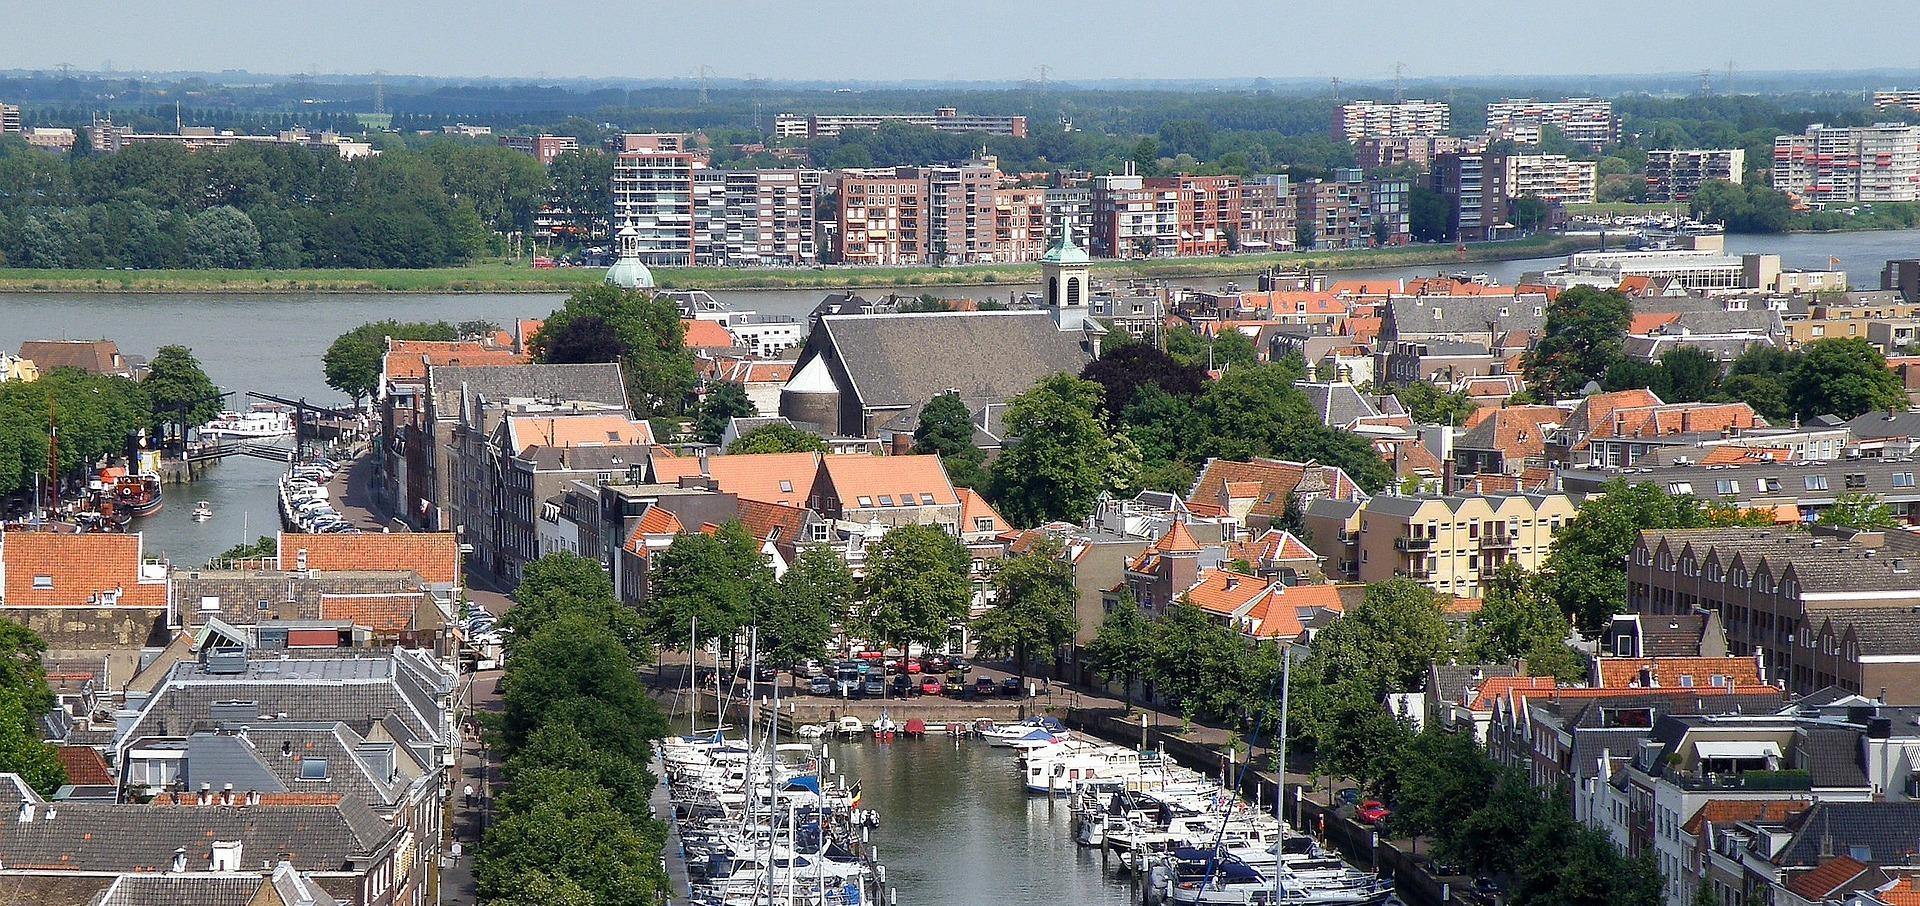 Snel Geld voor Je Huis Appartement Woning in Dordrecht